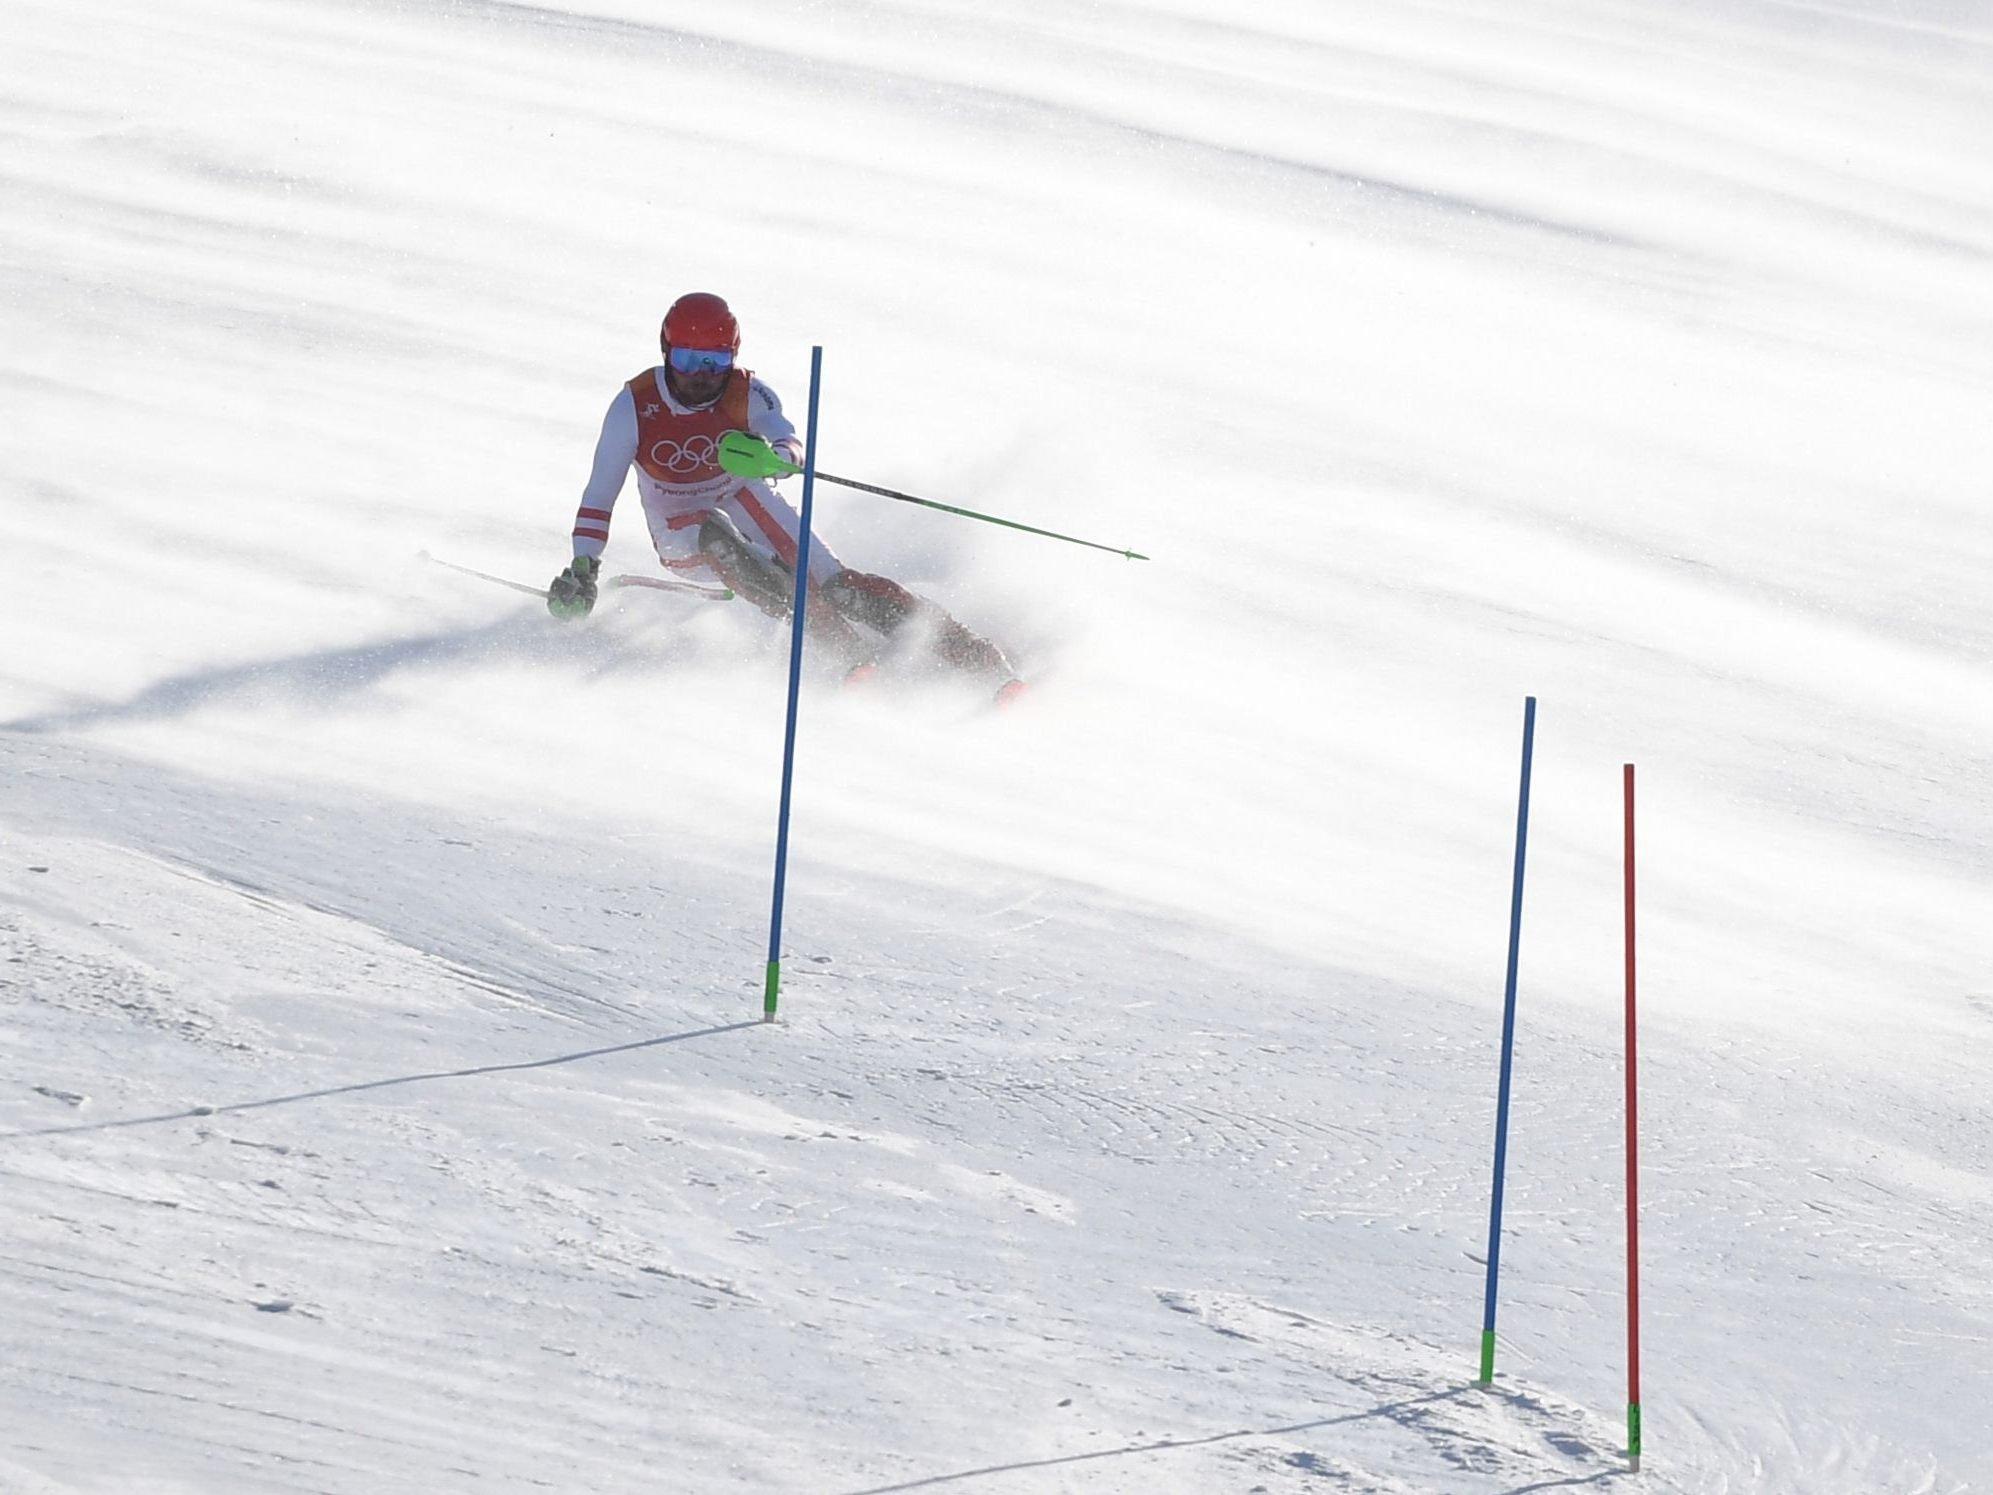 Marcel Hirscher holte sich erste Olympische Goldmedaille